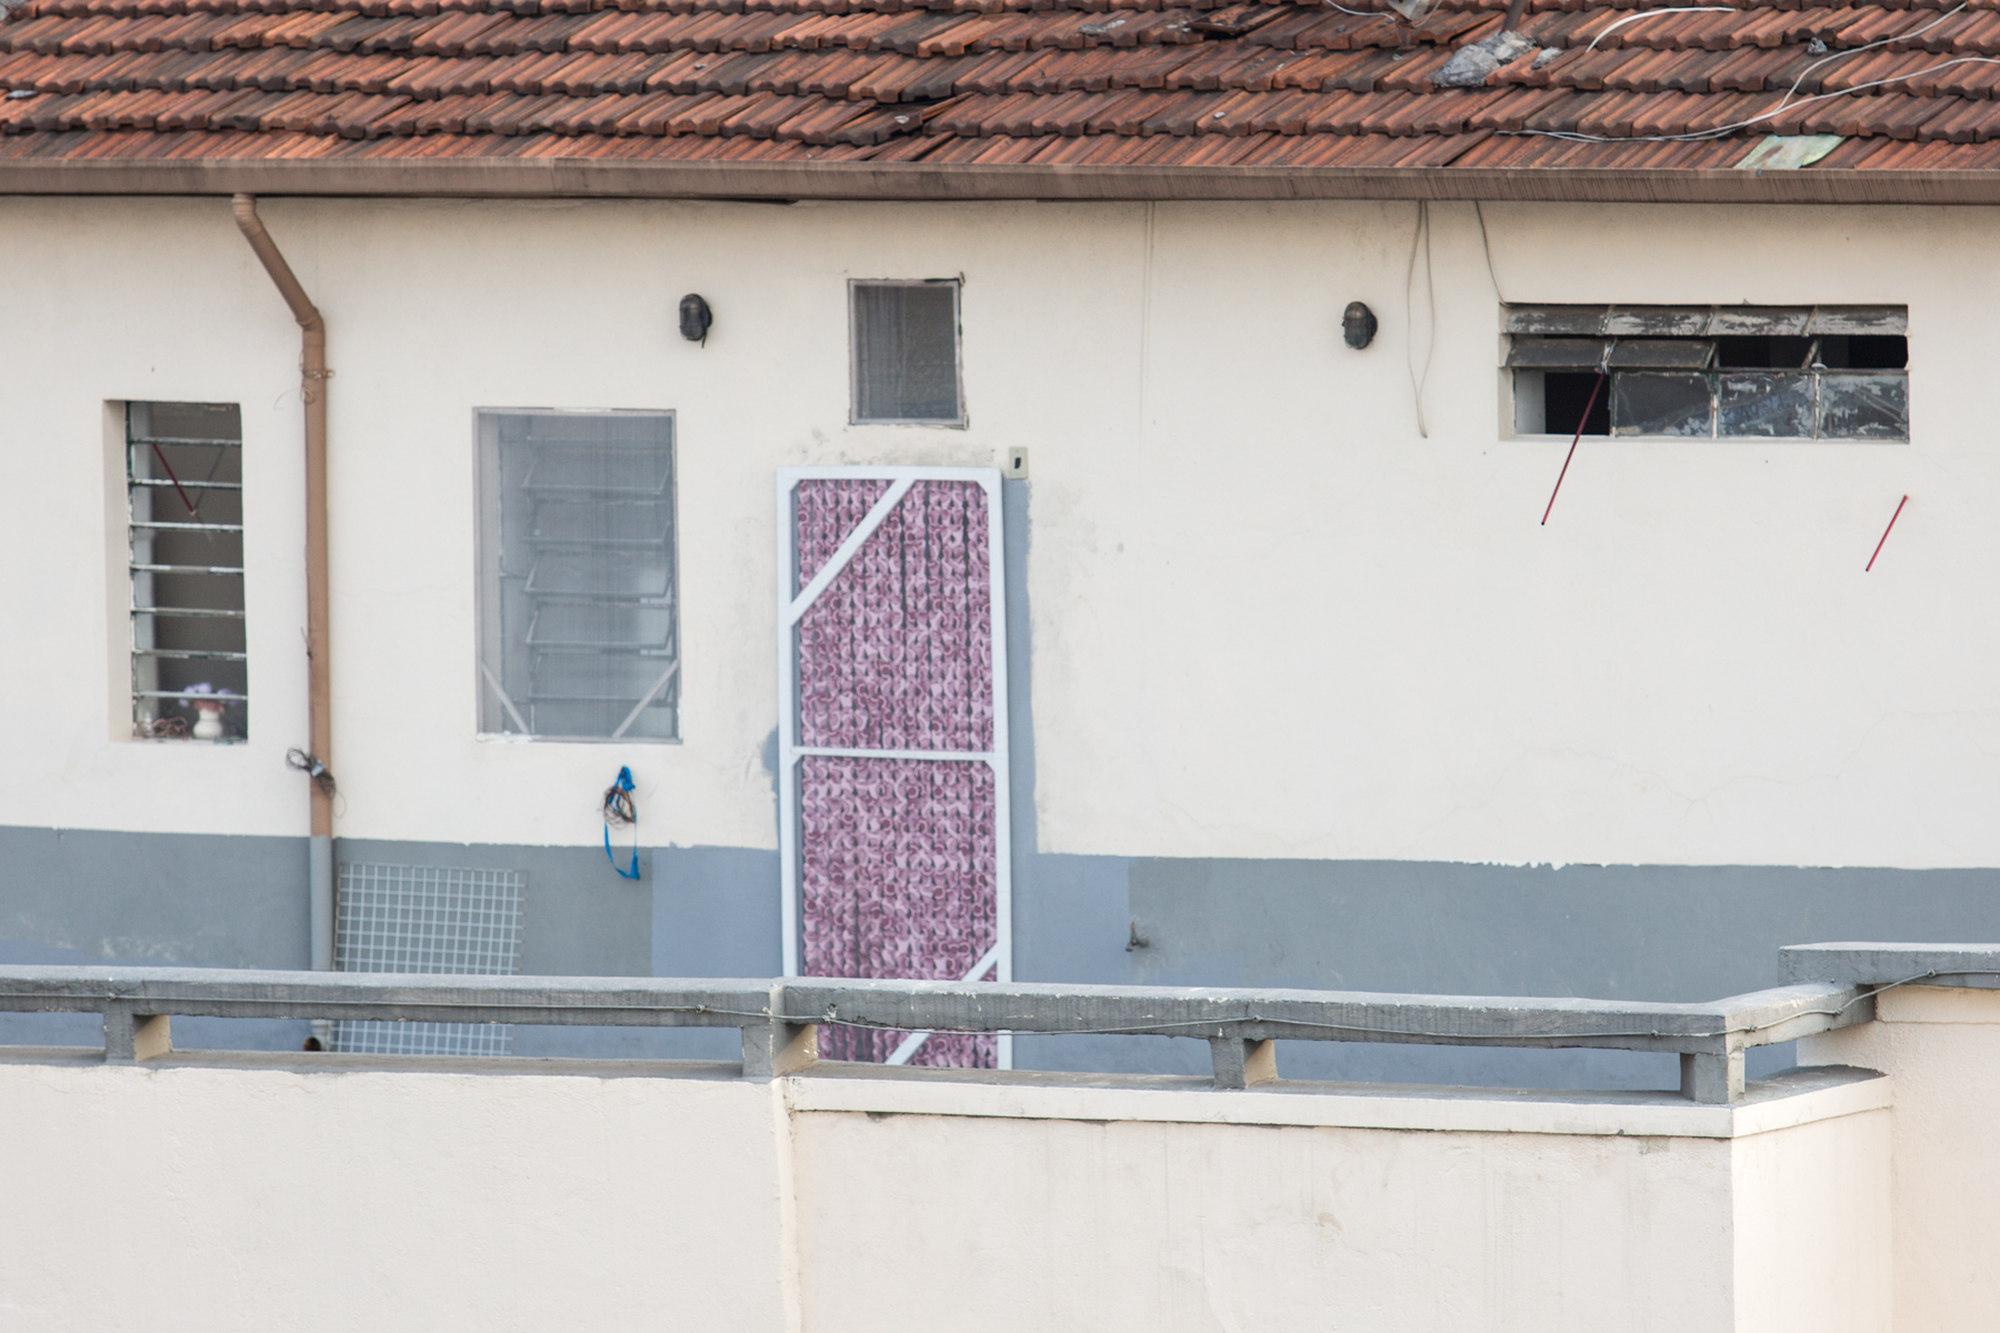 13 Observatório - Acareação - Débora Bolsoni, Lanças